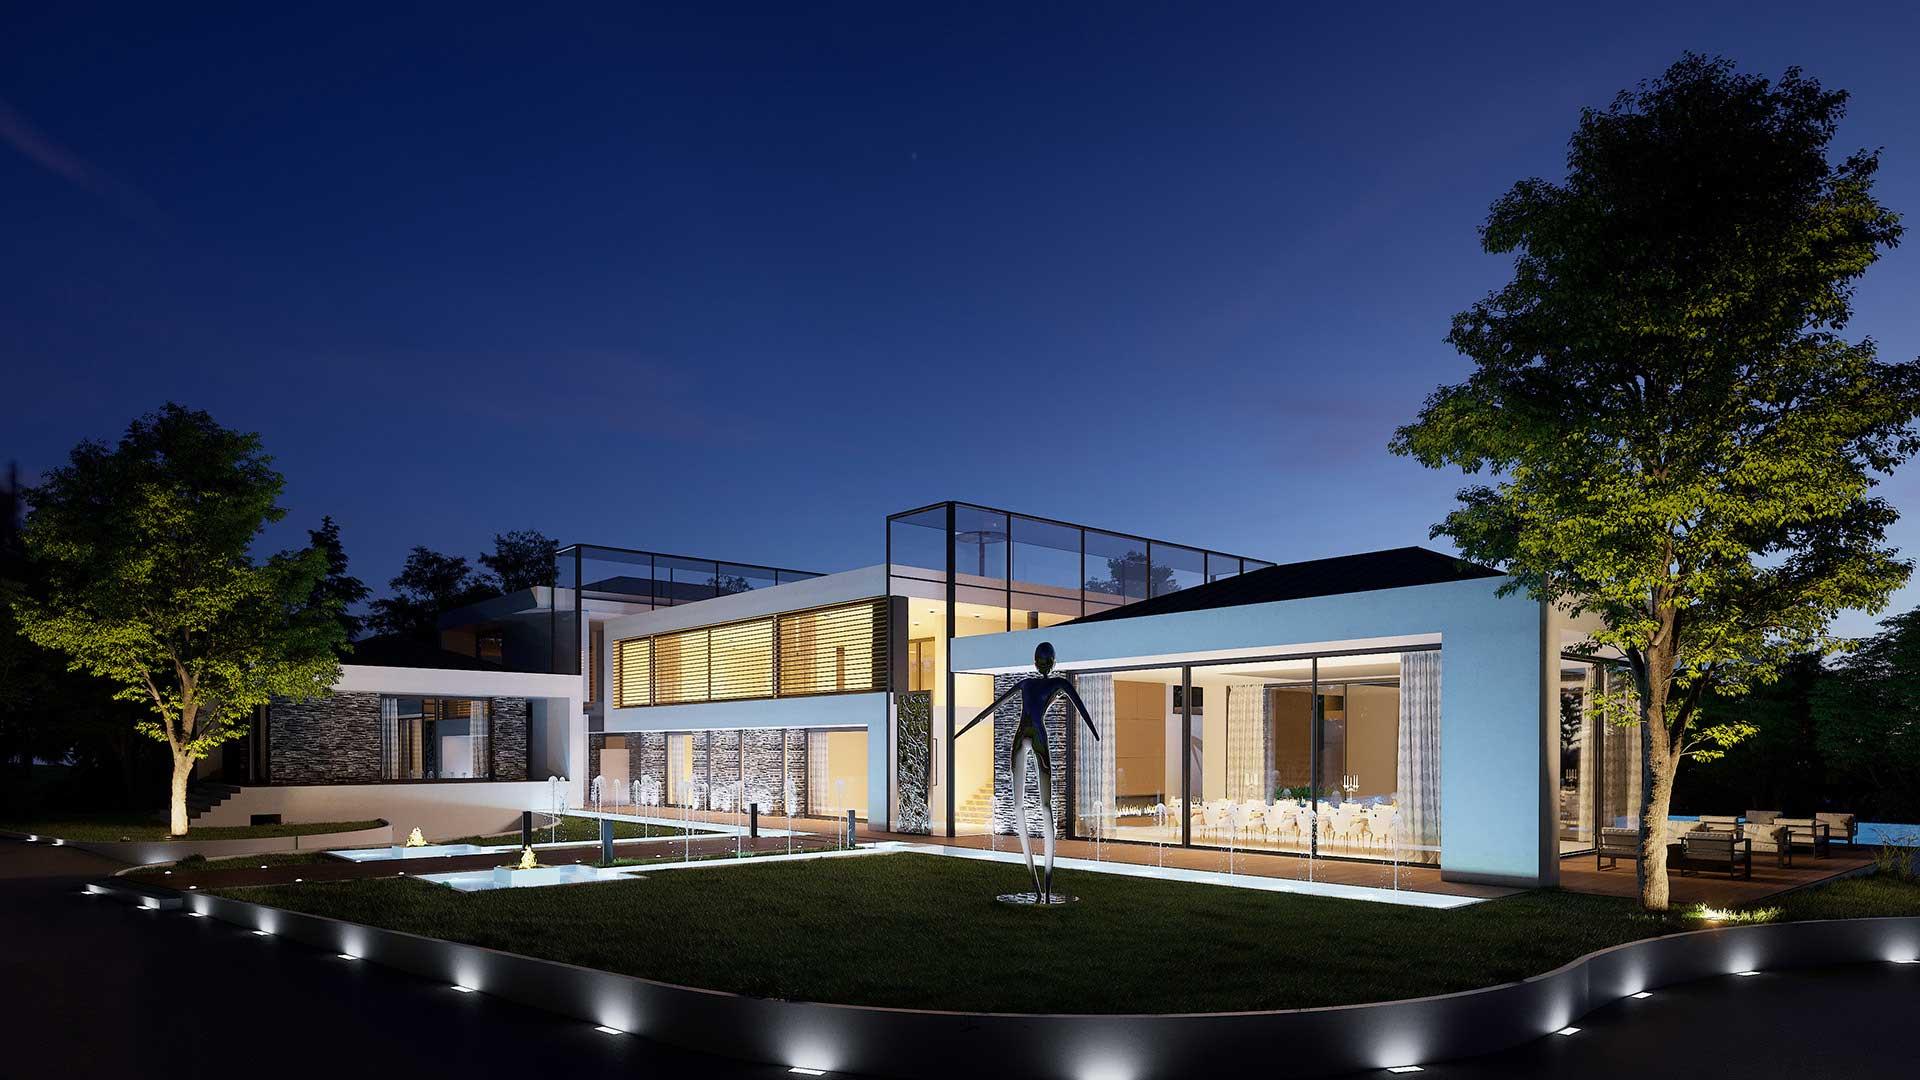 Image De Synth Se Pour Promo Immobili Re Villa De Luxe